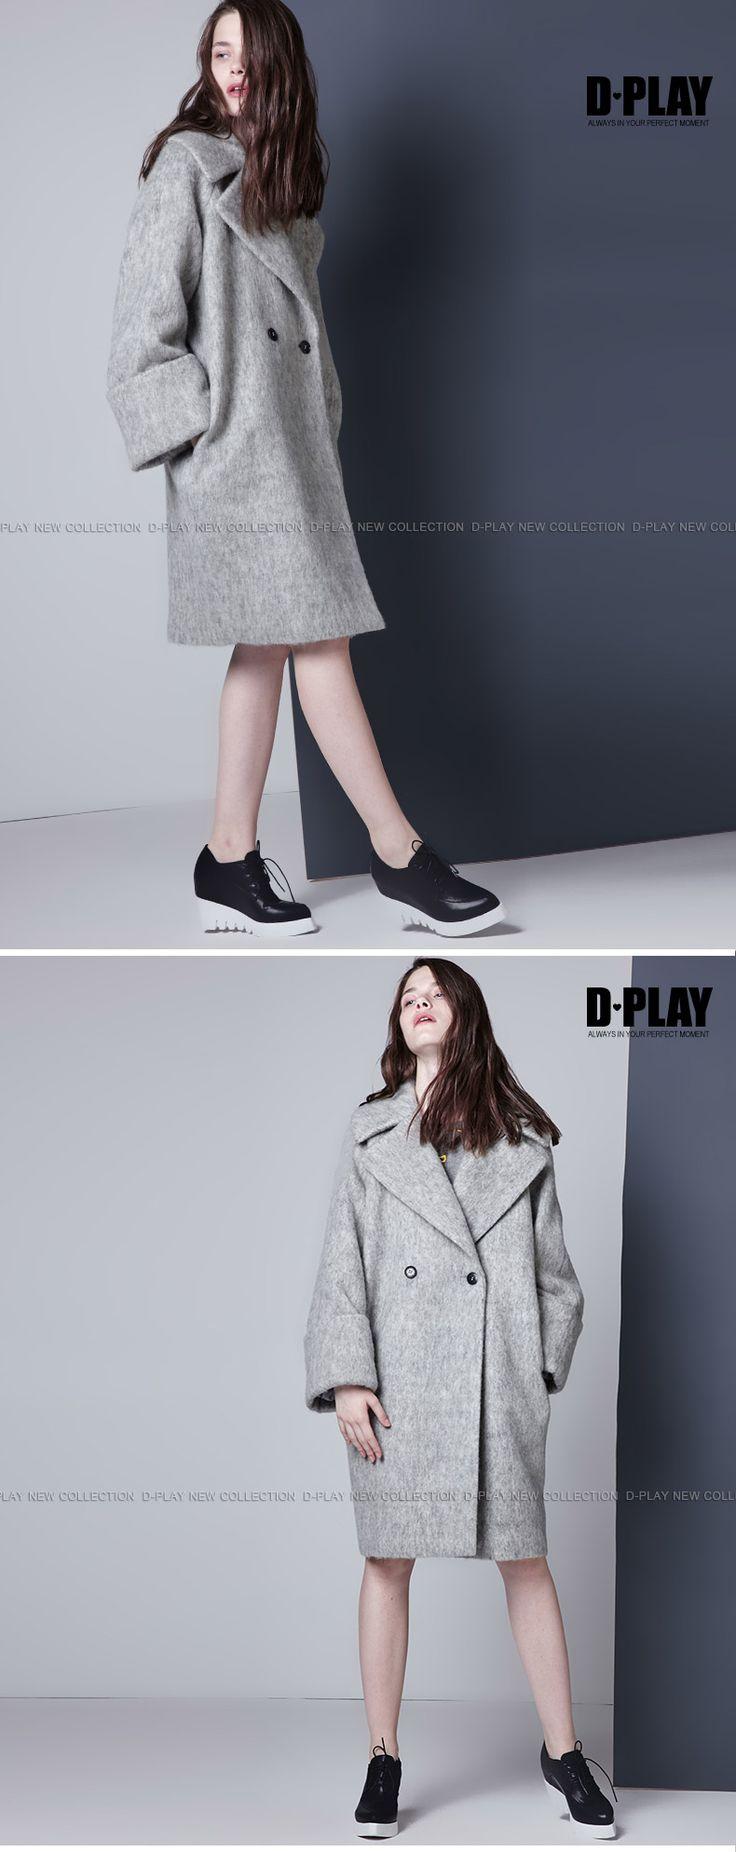 D-PLAY冬季欧美宽袖茧型大衣气质灰宽松大码羊毛呢大衣厚外套-tmall.com天猫